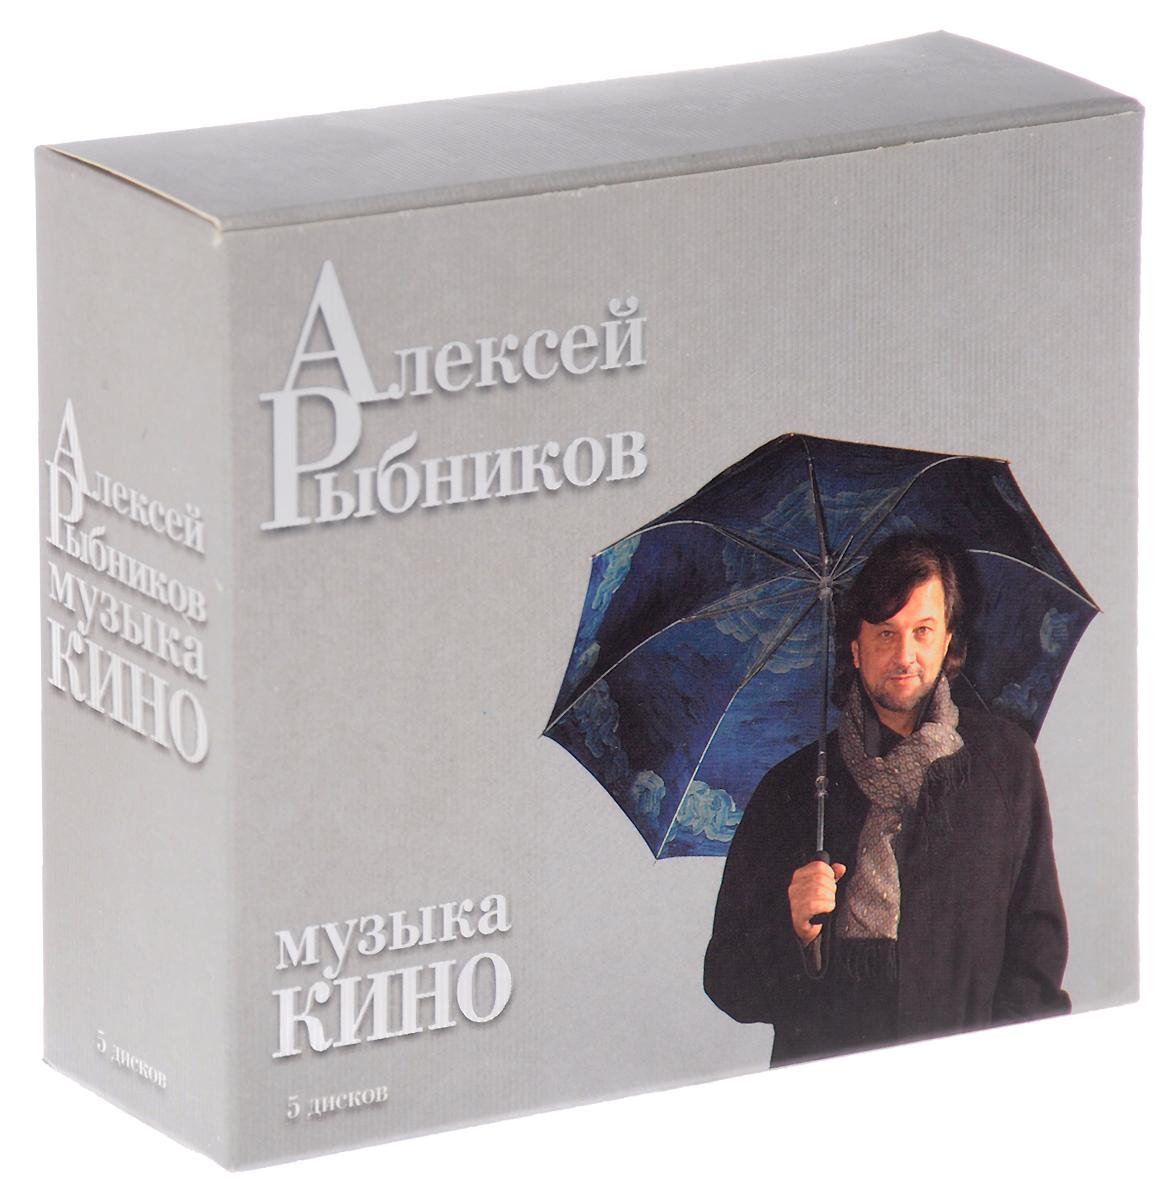 Алексей Рыбников. Музыка кино (5 CD)